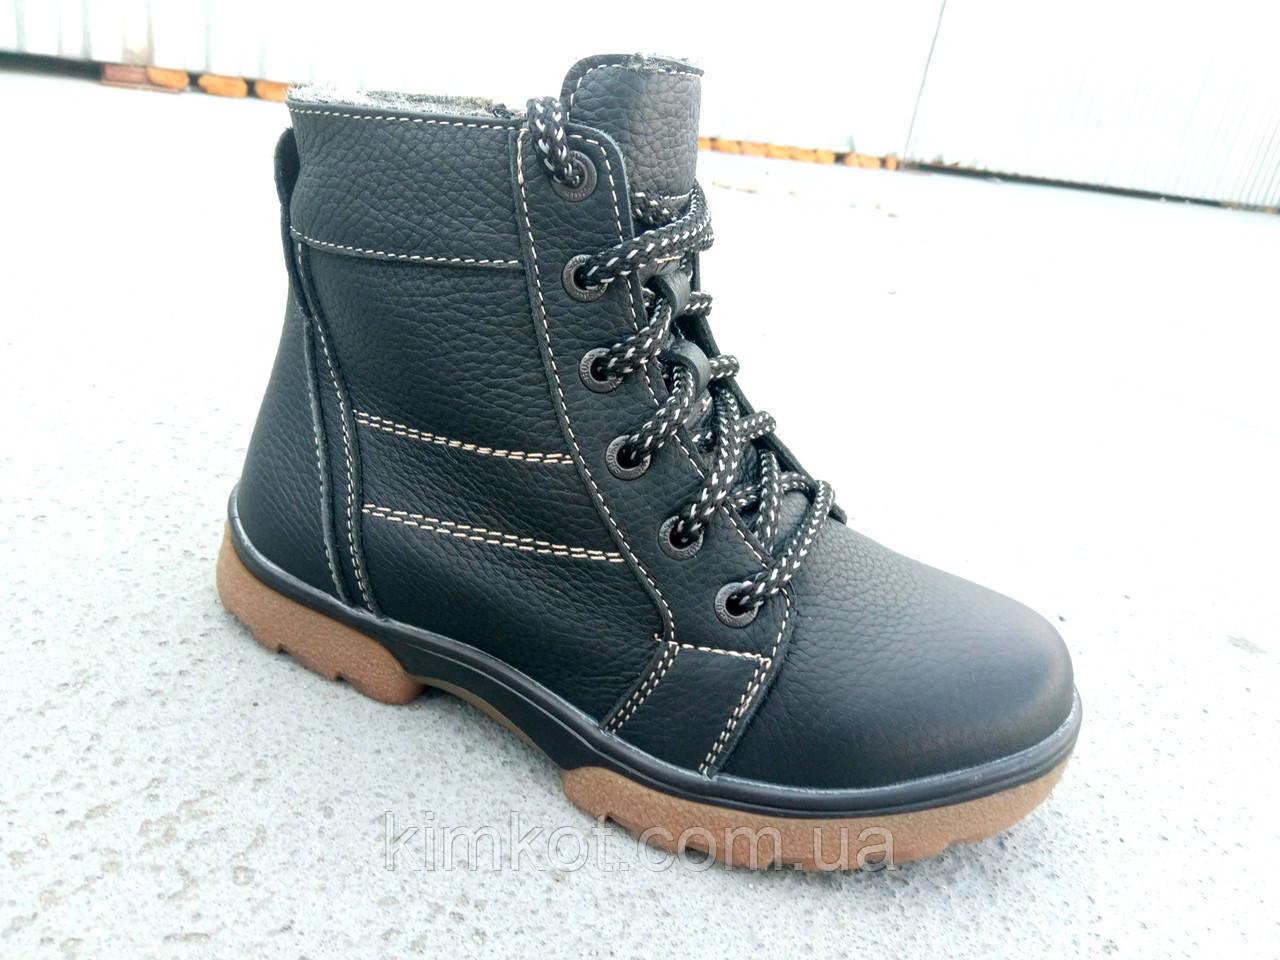 66dd0703e Детские кожаные зимние ботинки от 32 по 39 размер: продажа, цена в ...